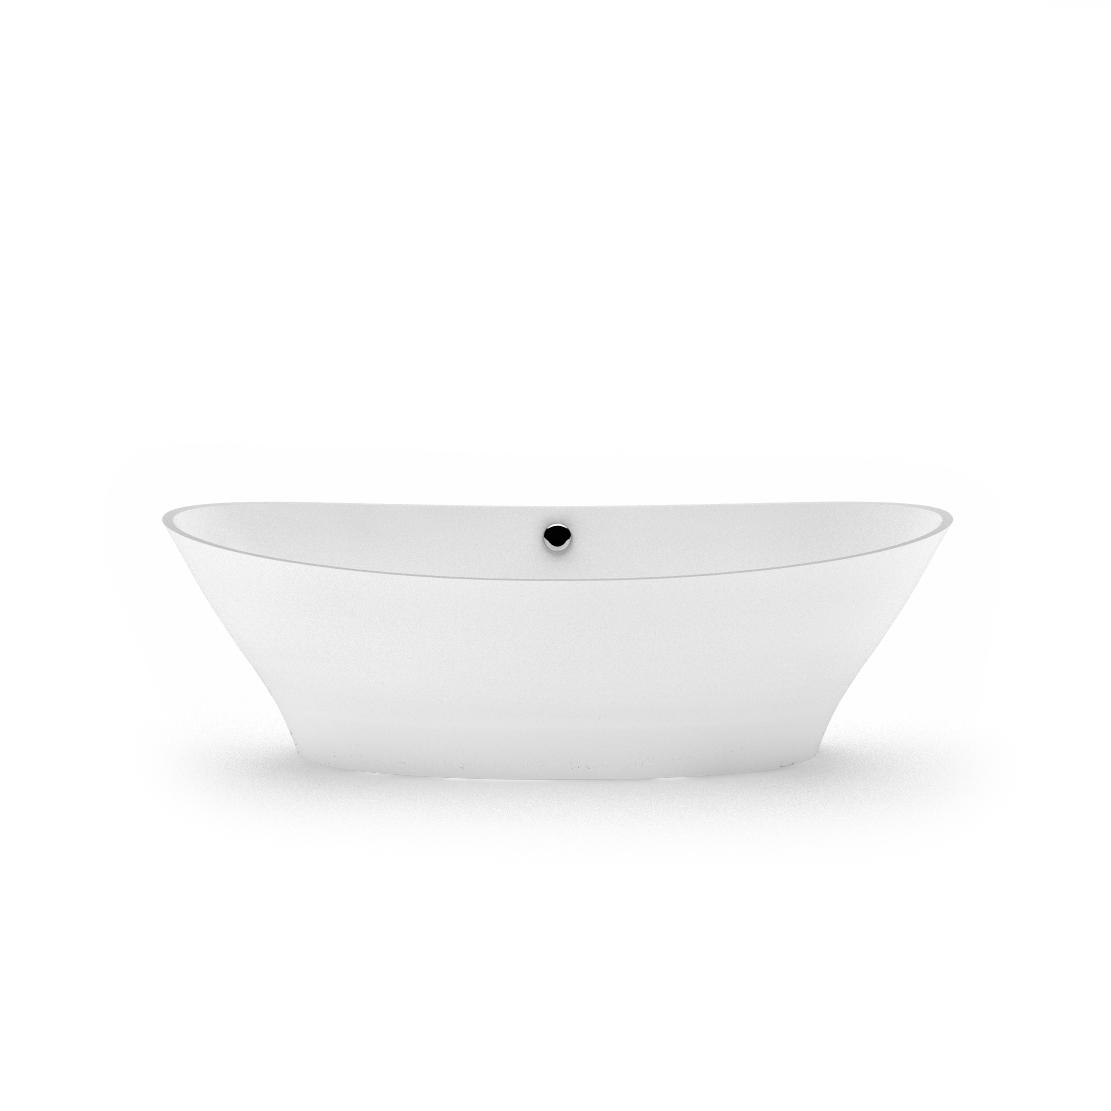 Freestanding bath Demetra - cast stone handmade bathtub by AURA fr